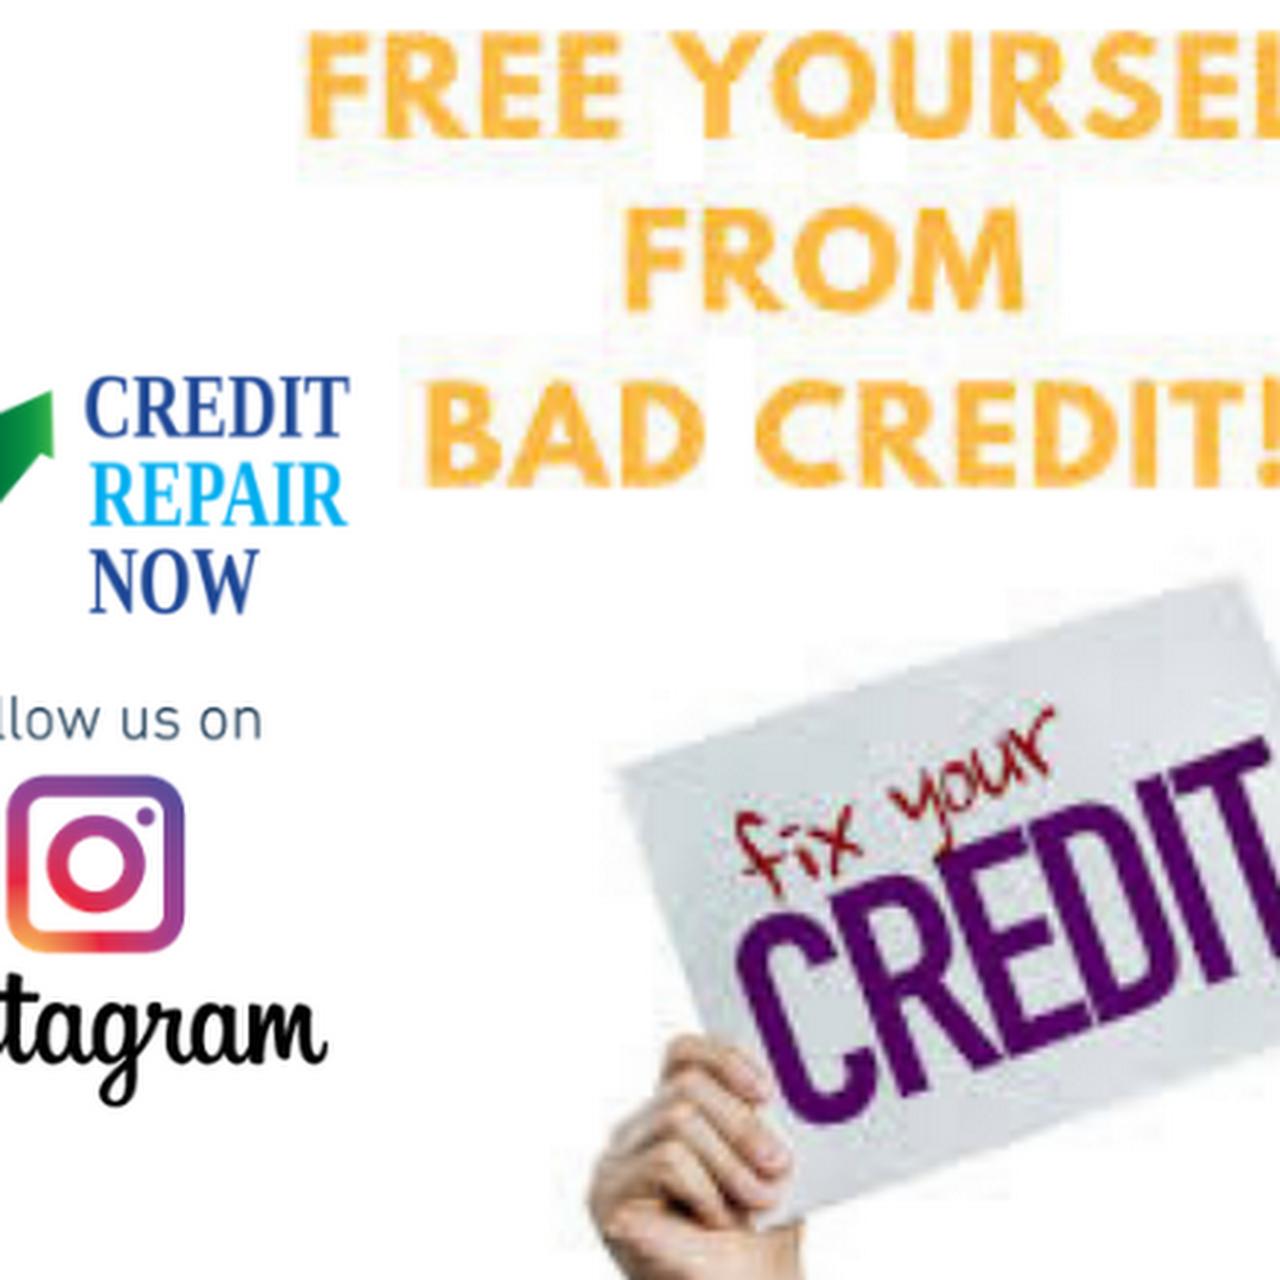 Credit Repair Now - Credit Repair Service in Scarborough